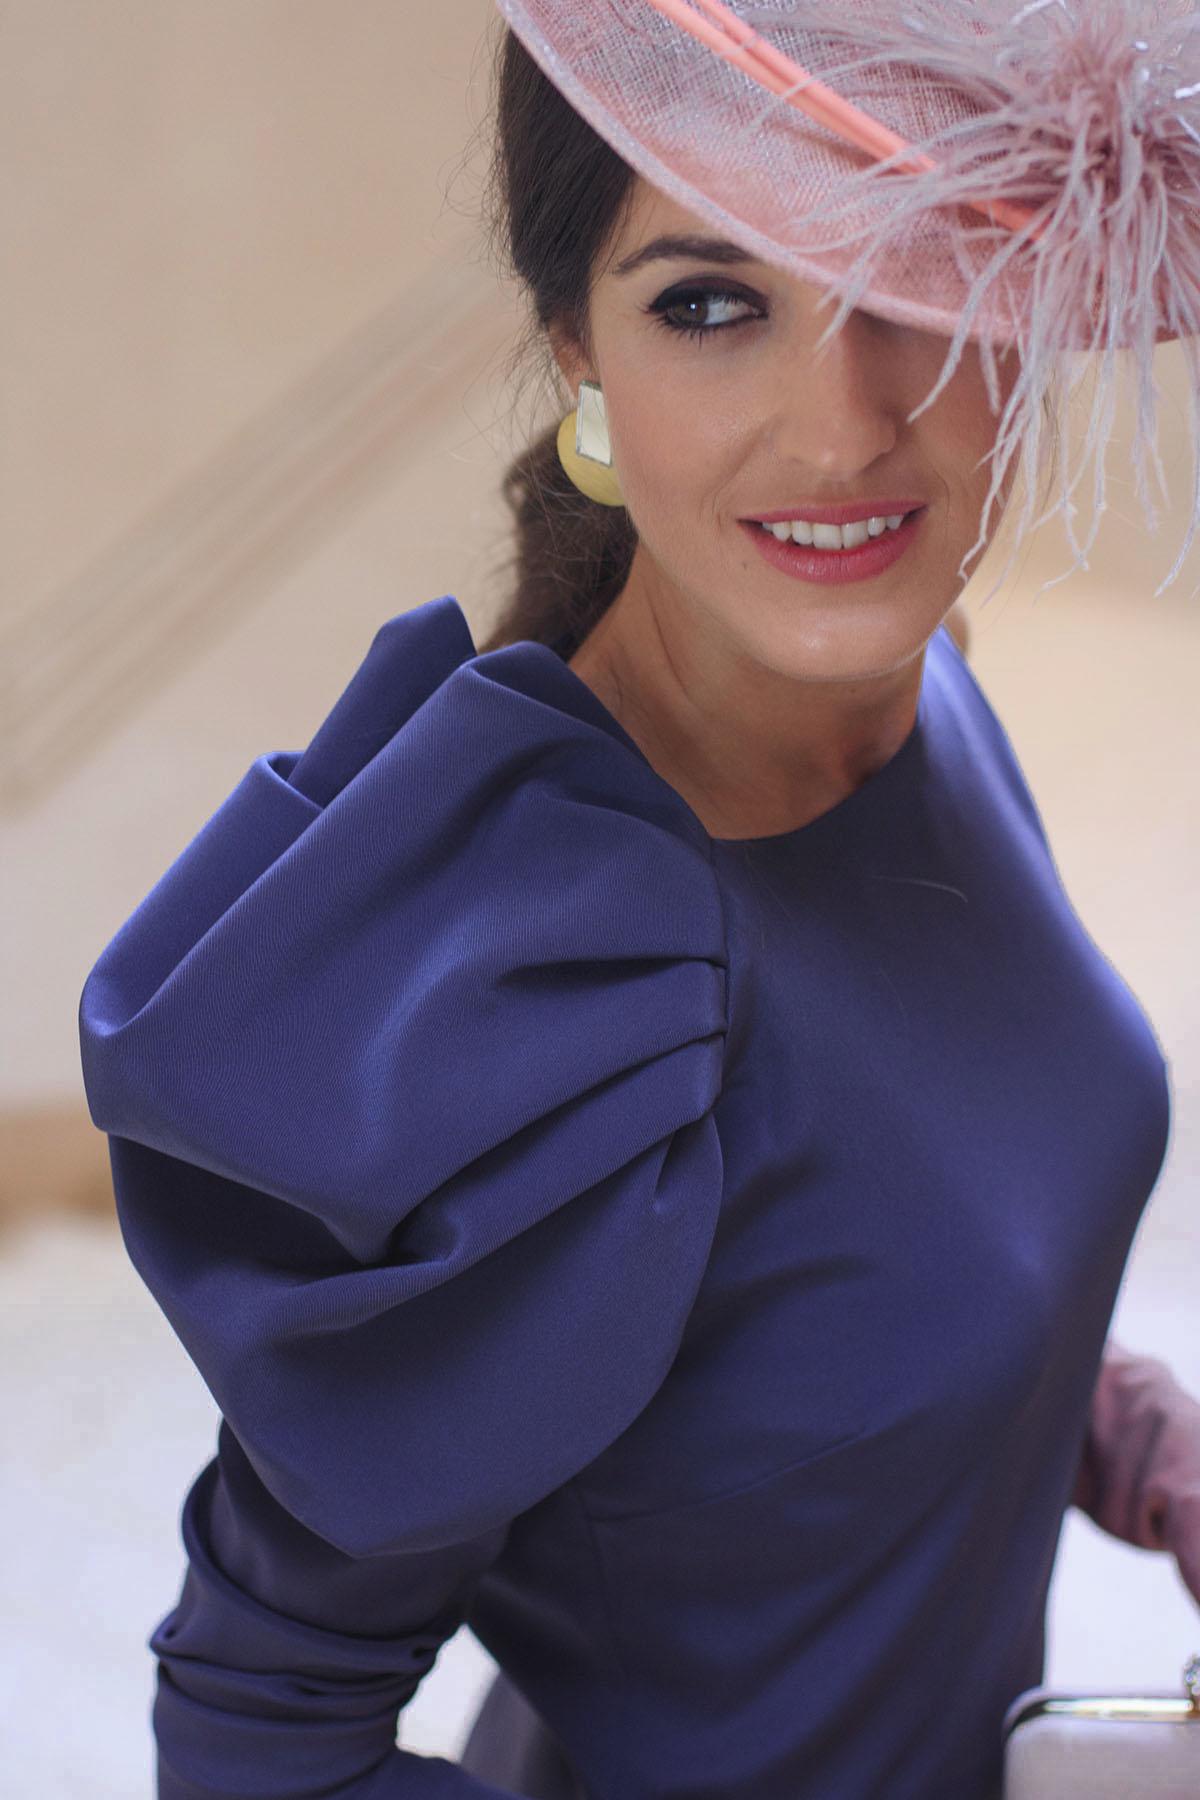 Morado Boda Con Byhandel De Vestido Invitada Look Y Mañana R4AL35j